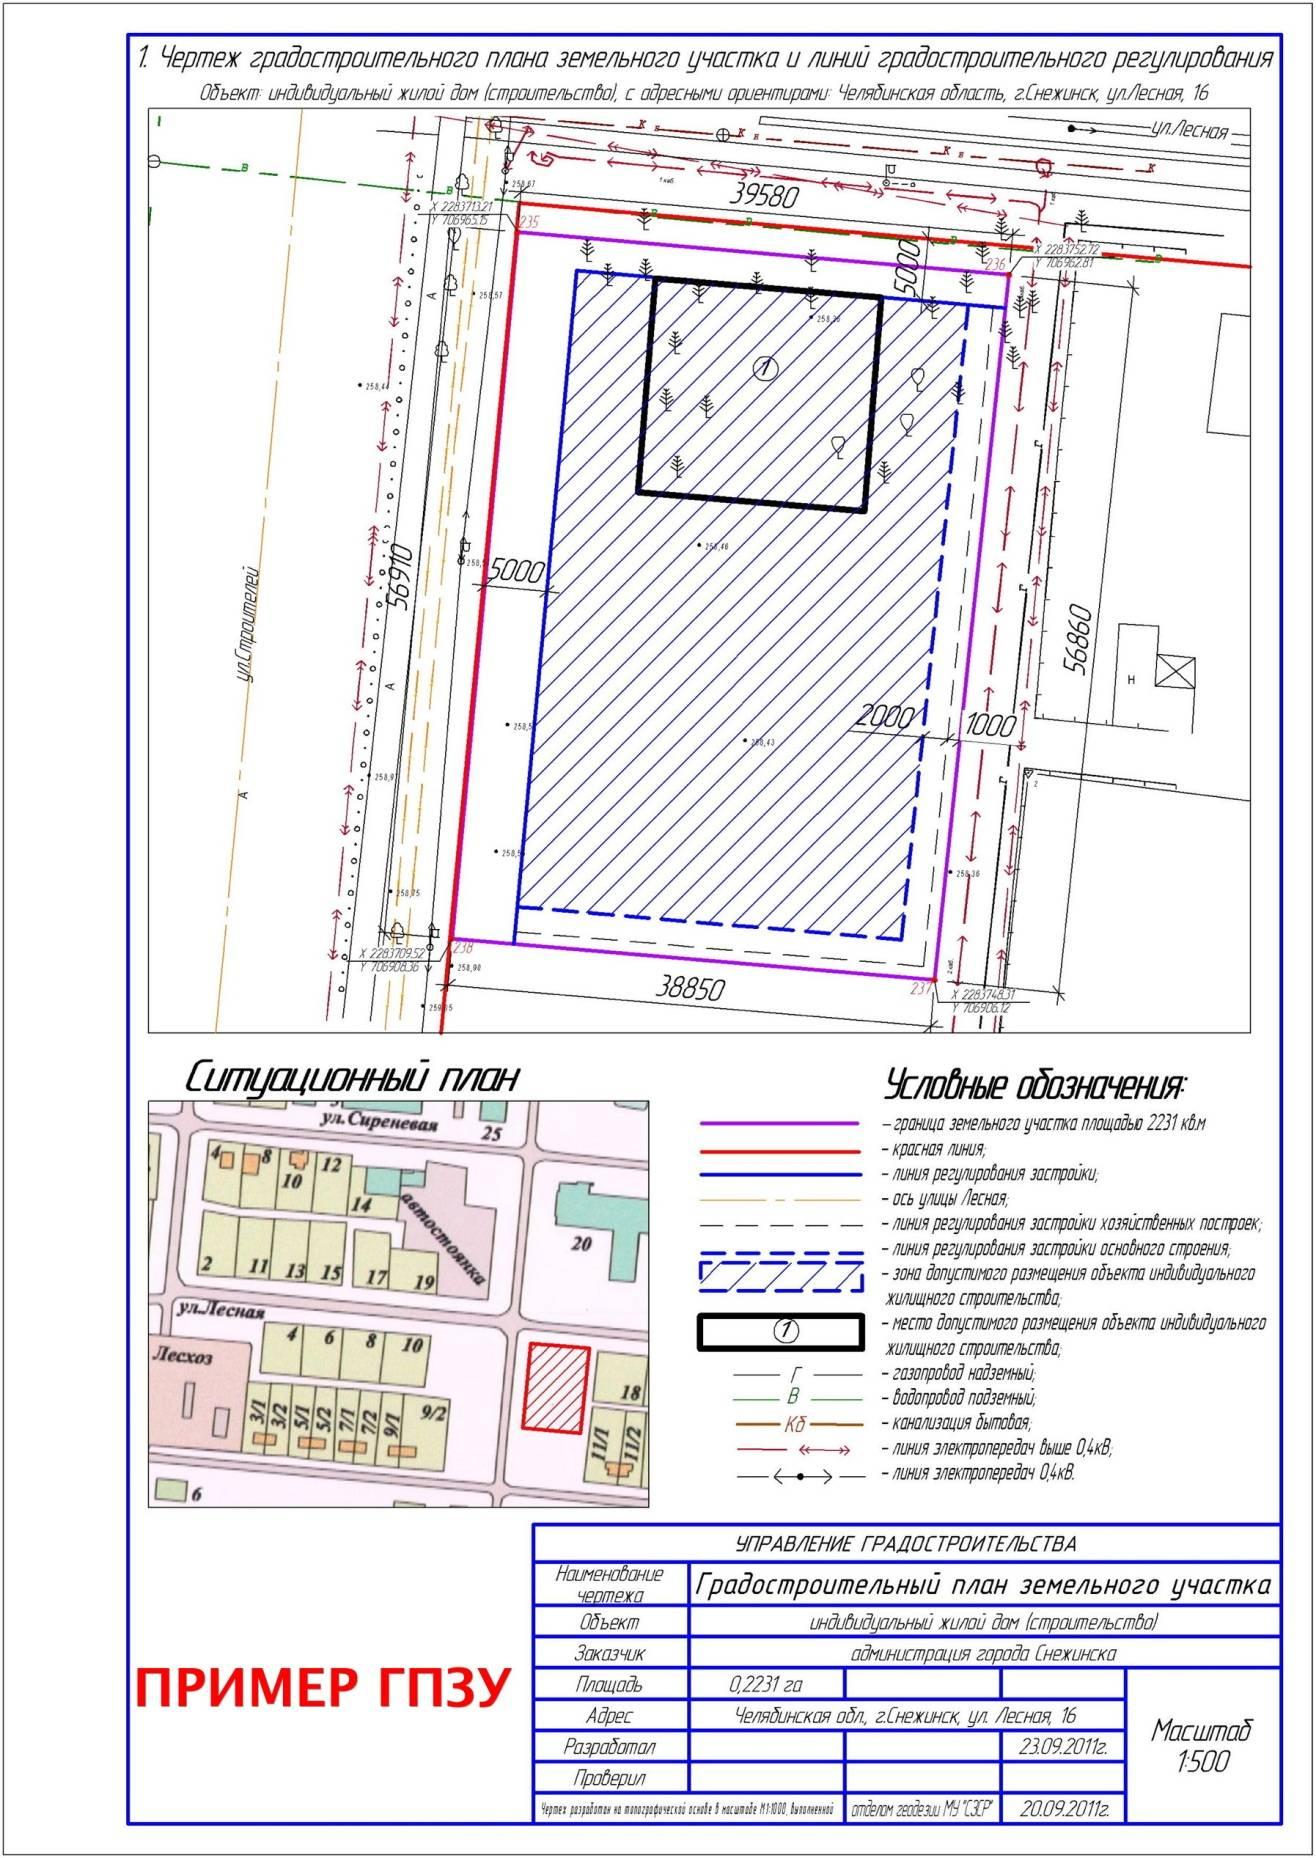 Как получить градостроительный план через мфц: пошаговая инструкция